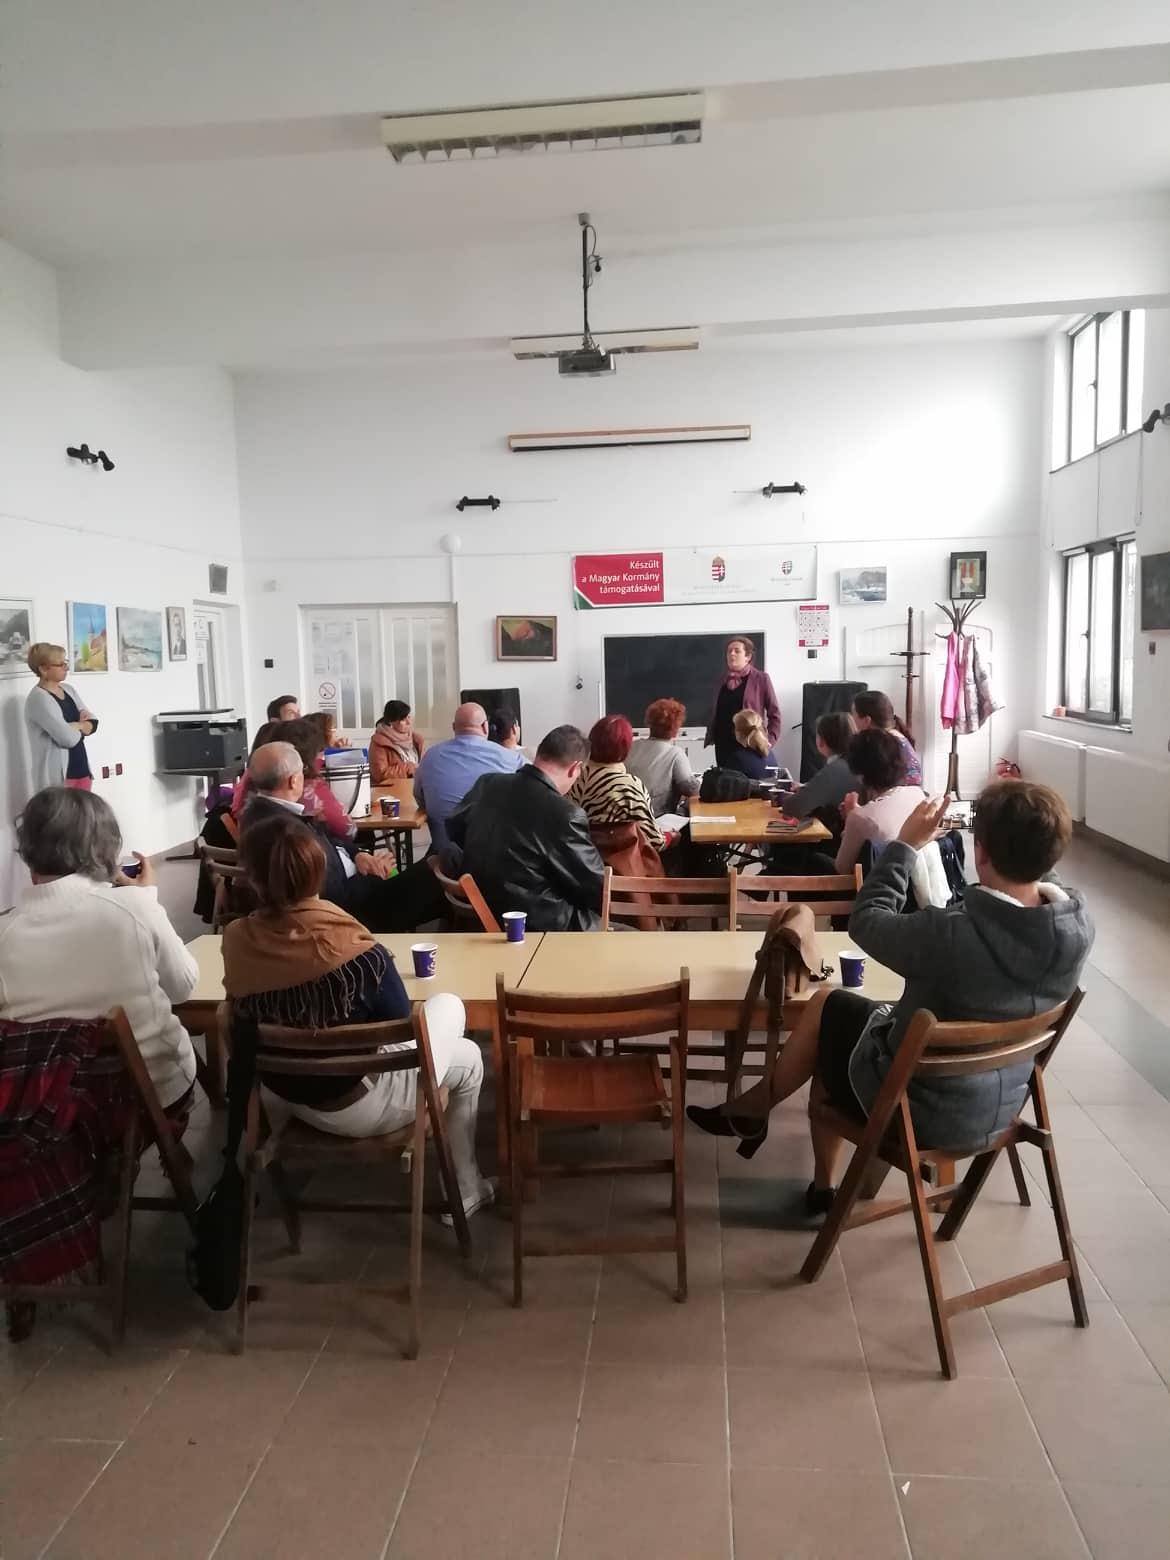 Kolozsvár, látogatás az Erdélyi Magyar Közművelődési Egyesületnél (EMKE)